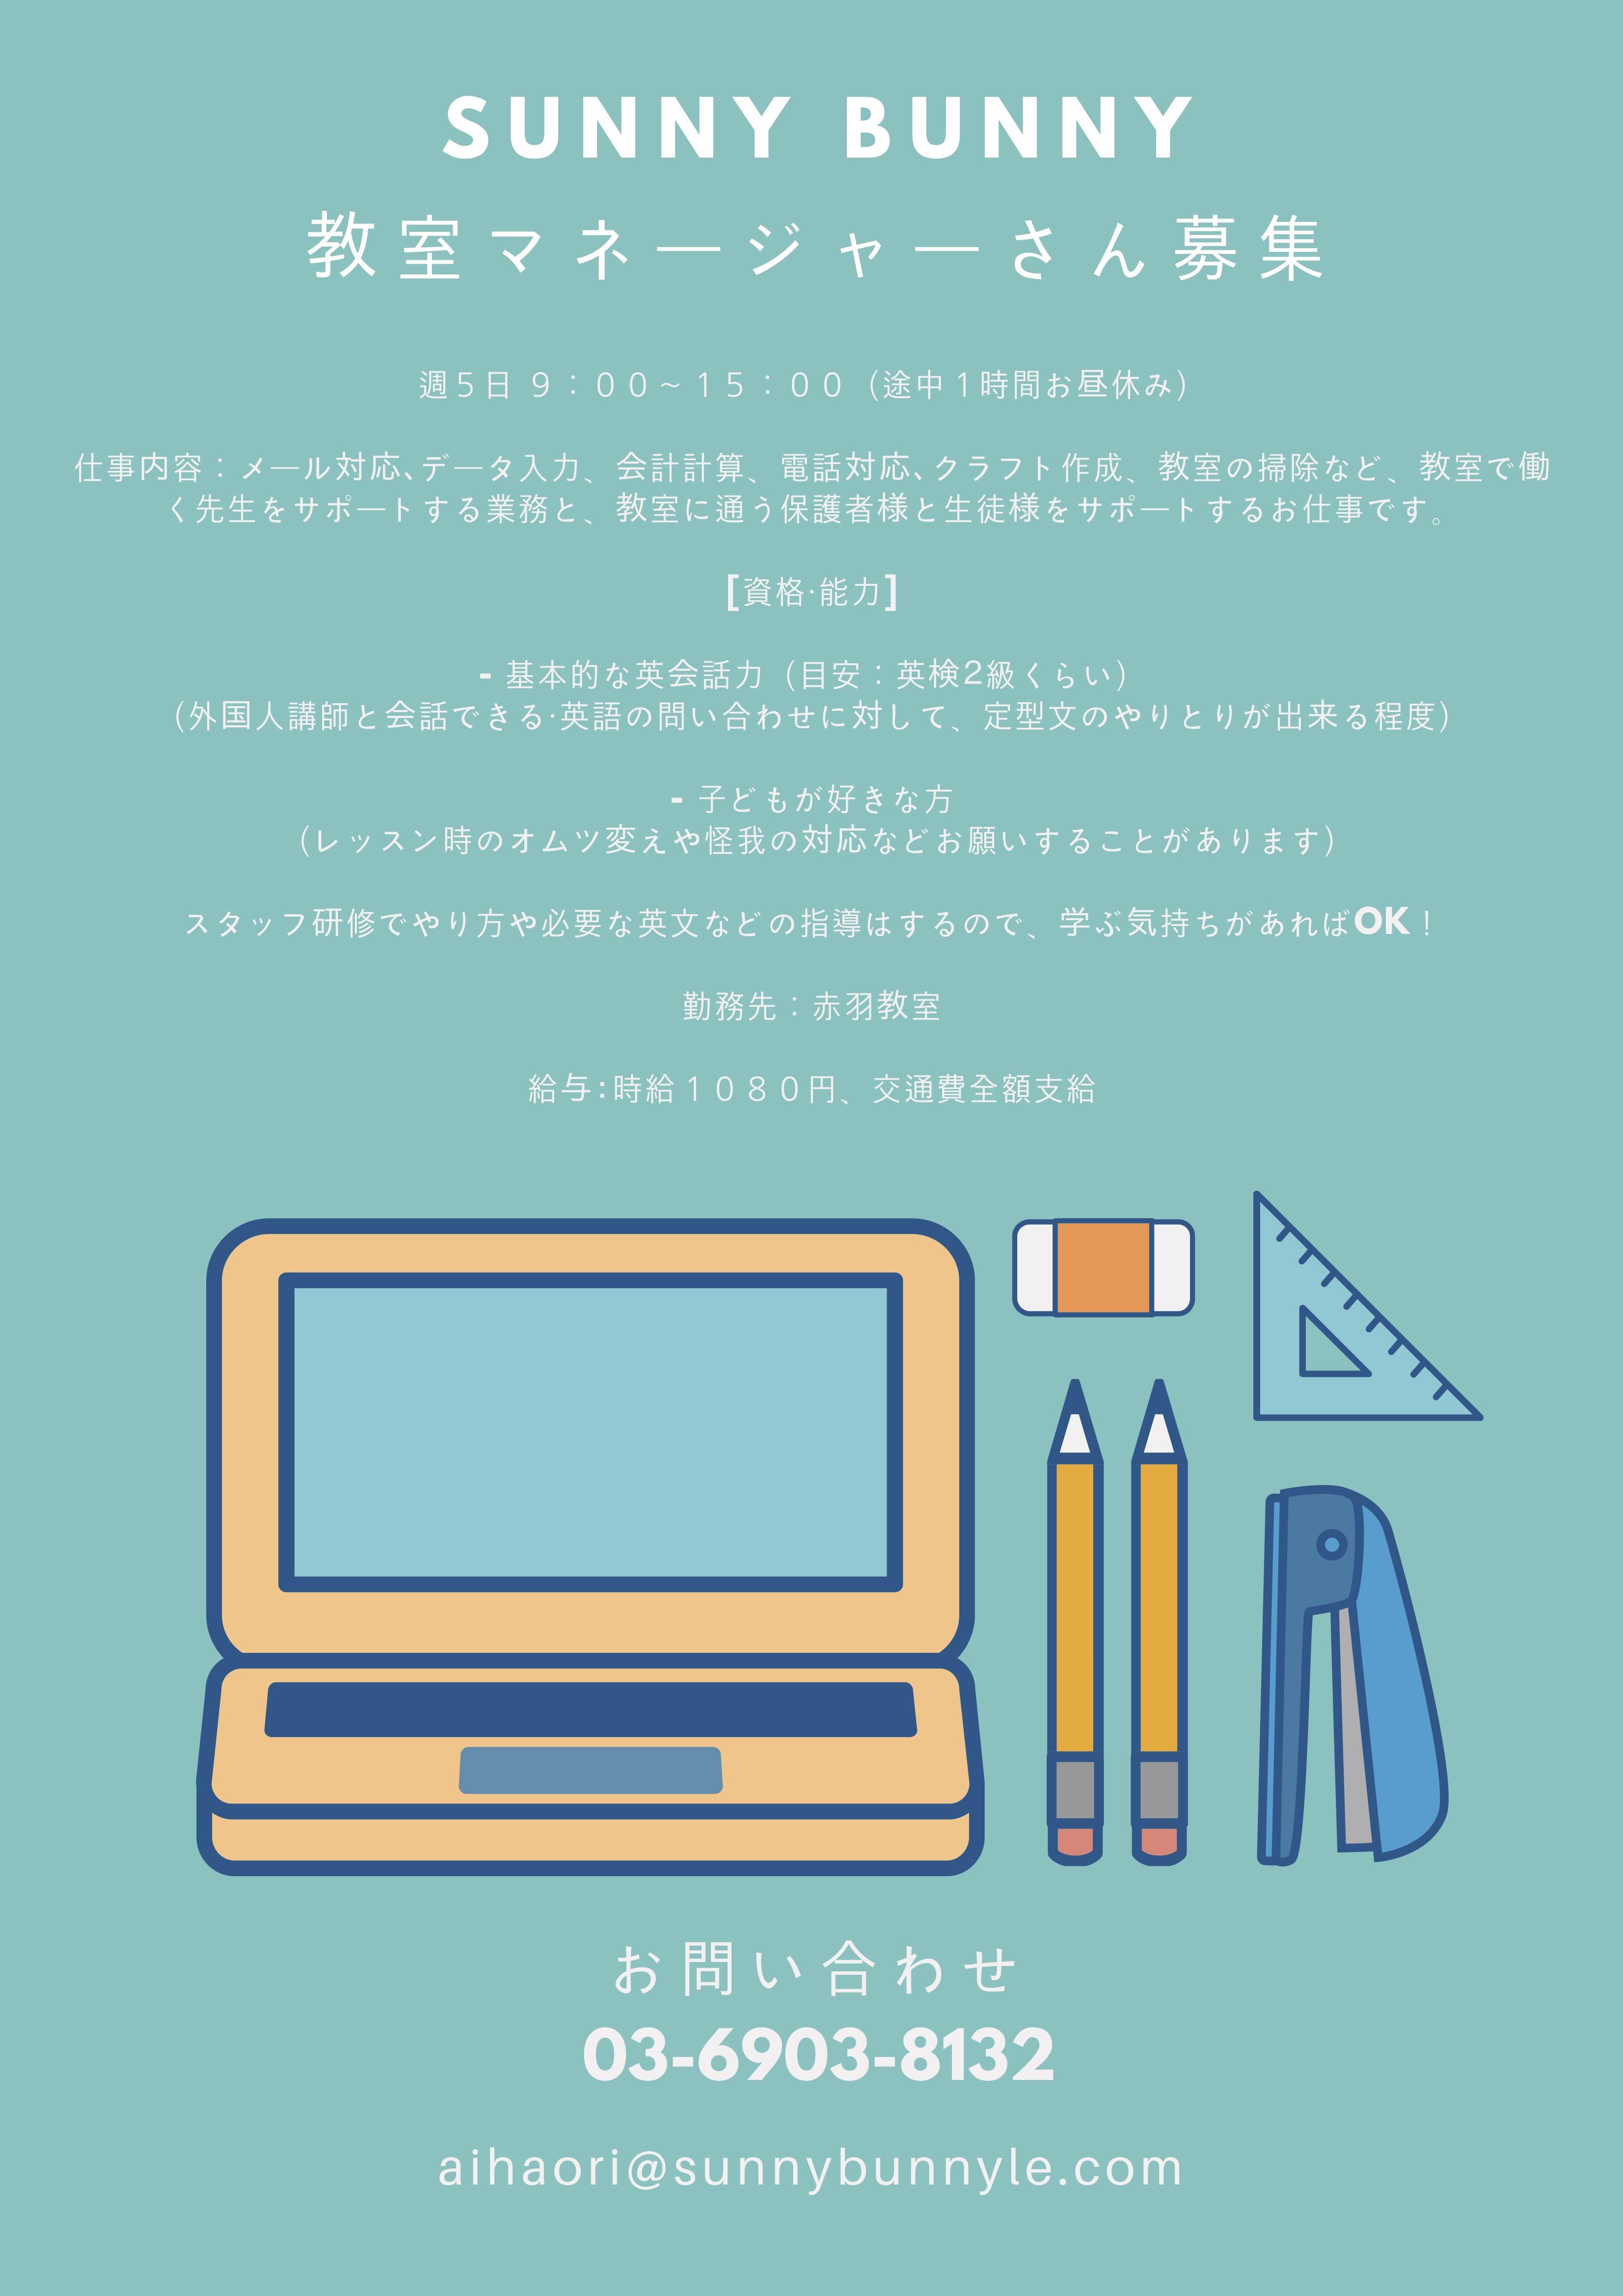 教室マネージャーさん大募集中!のイメージ